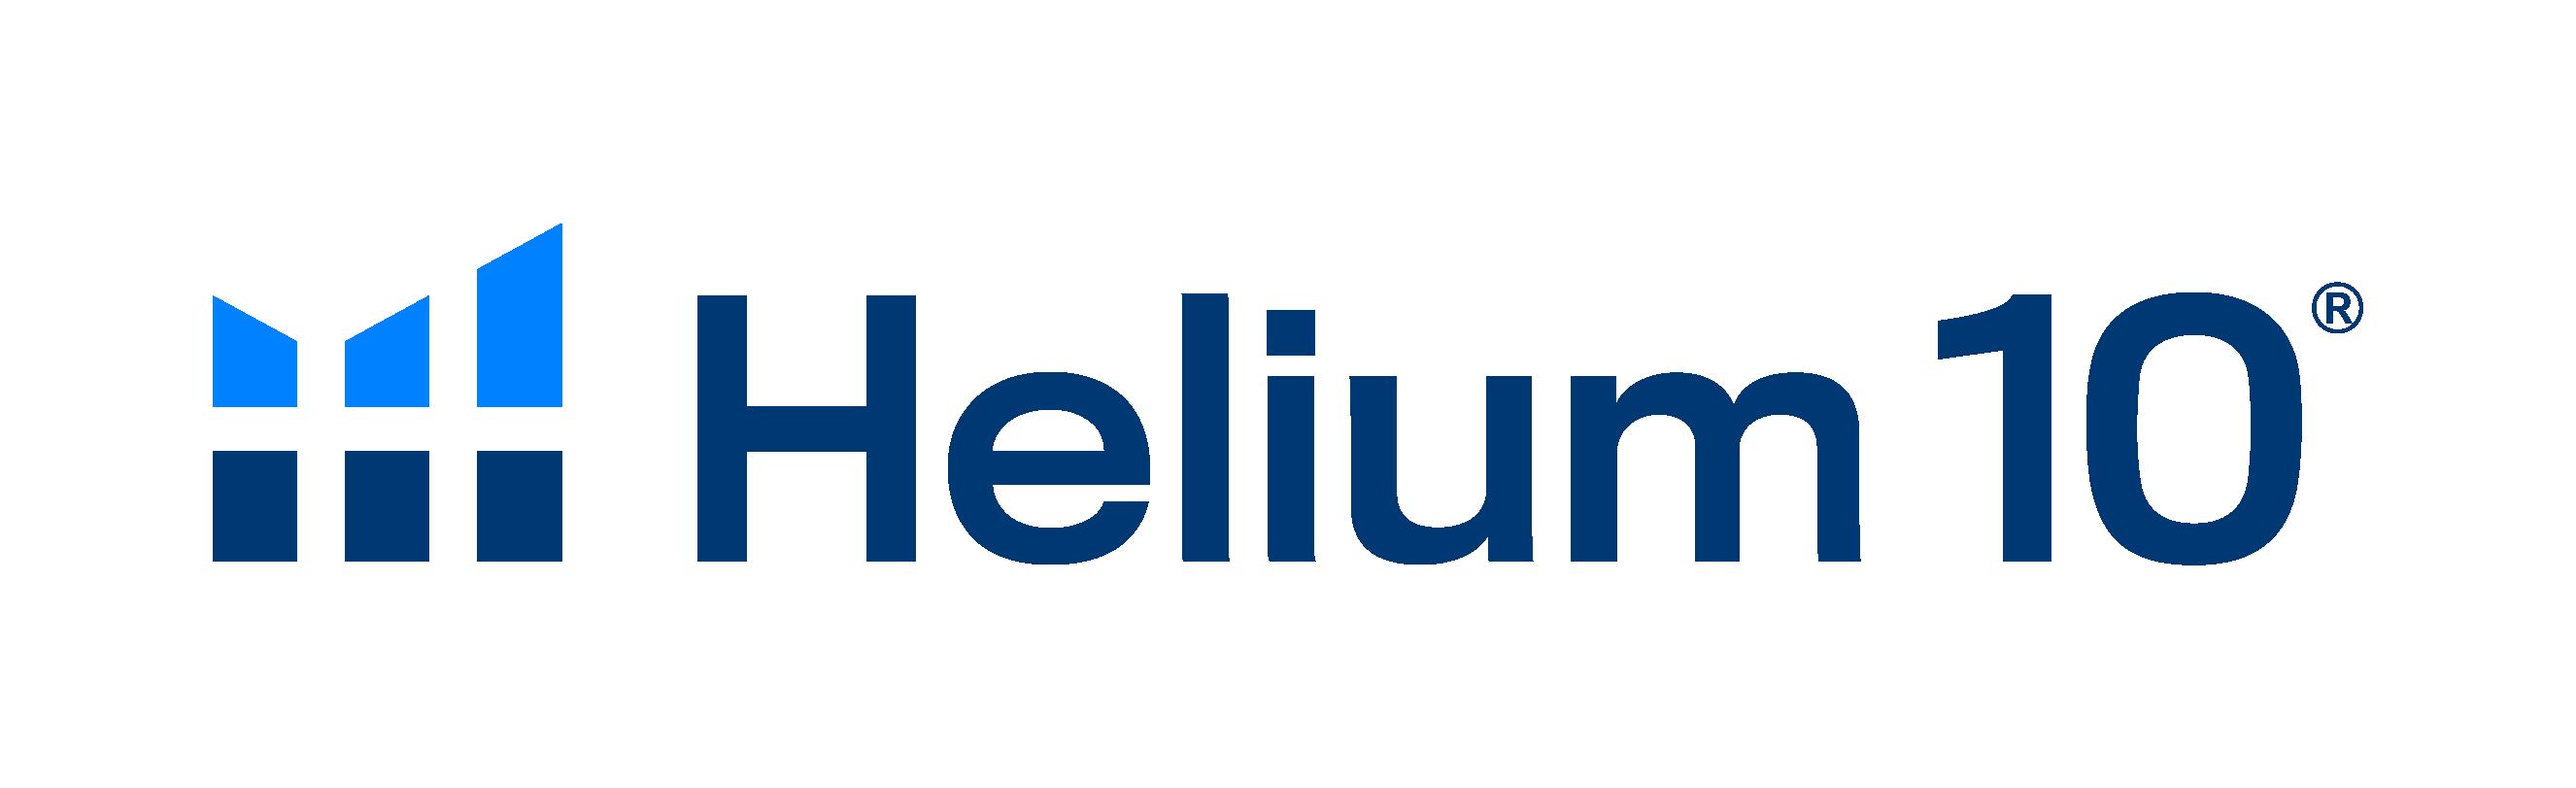 Helium 10 Adtomic